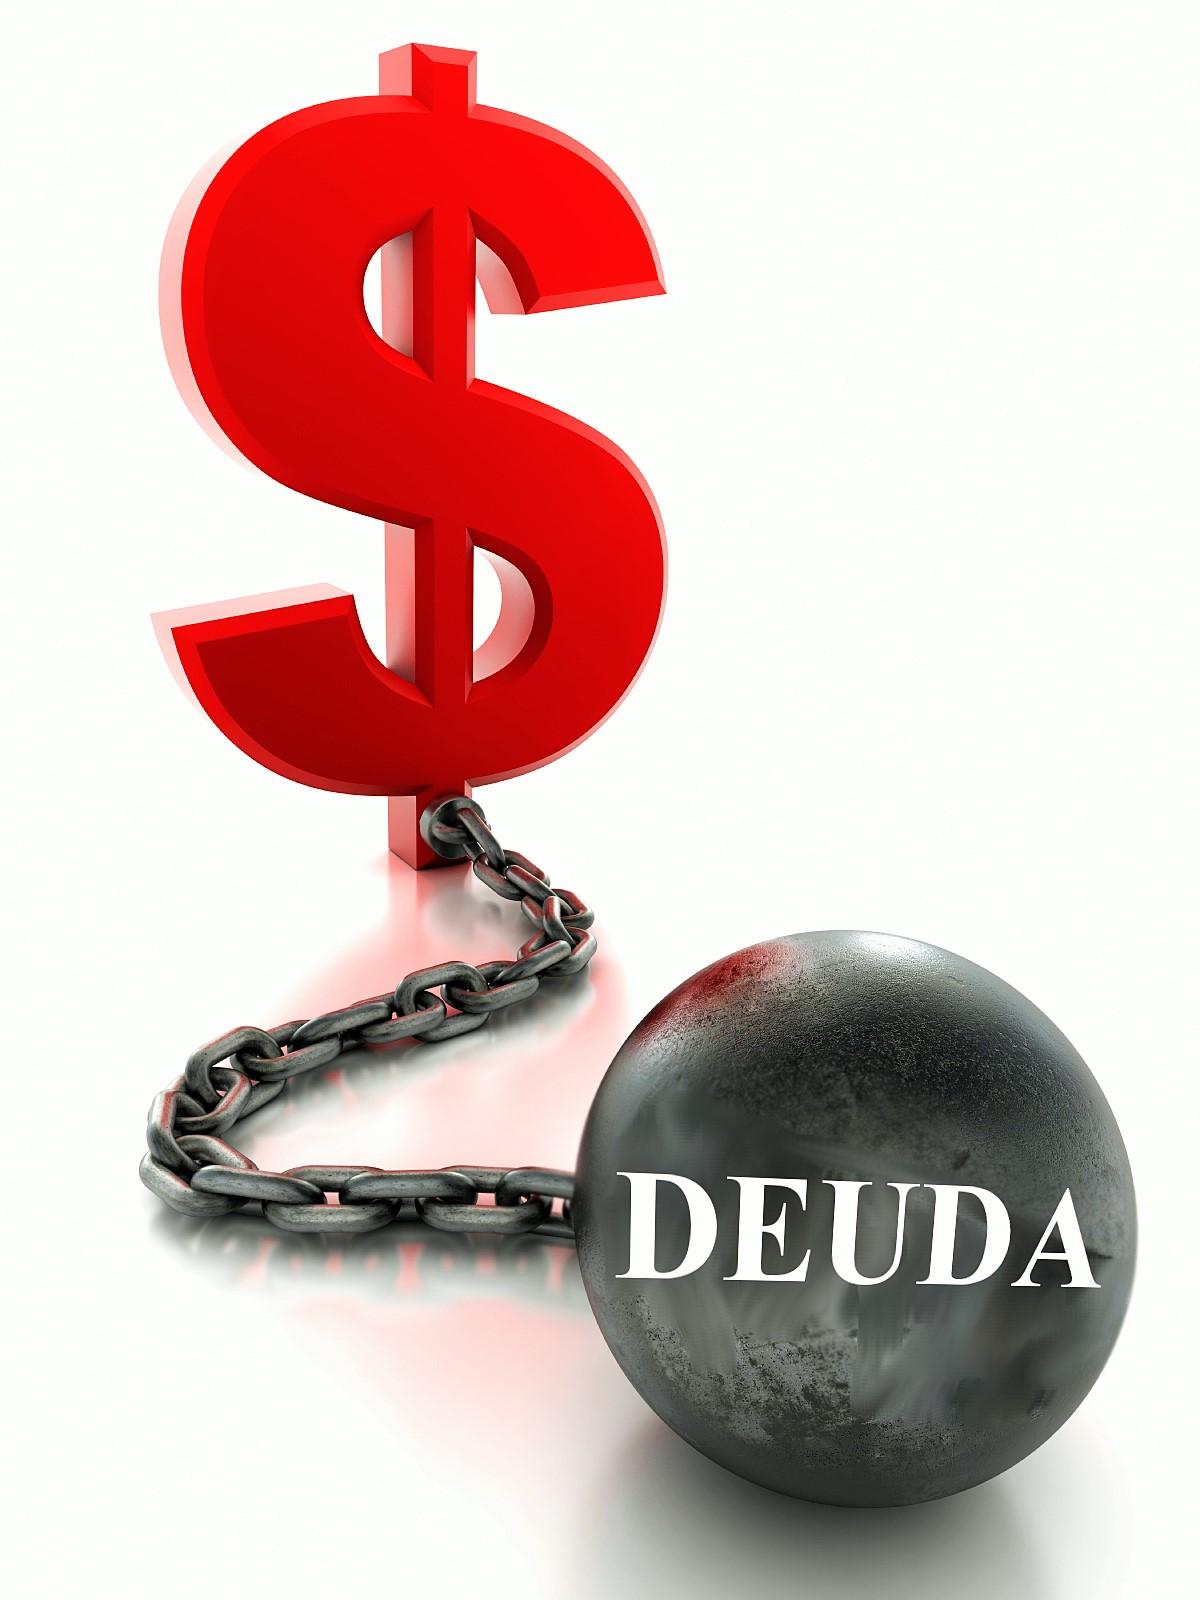 pesada deuda